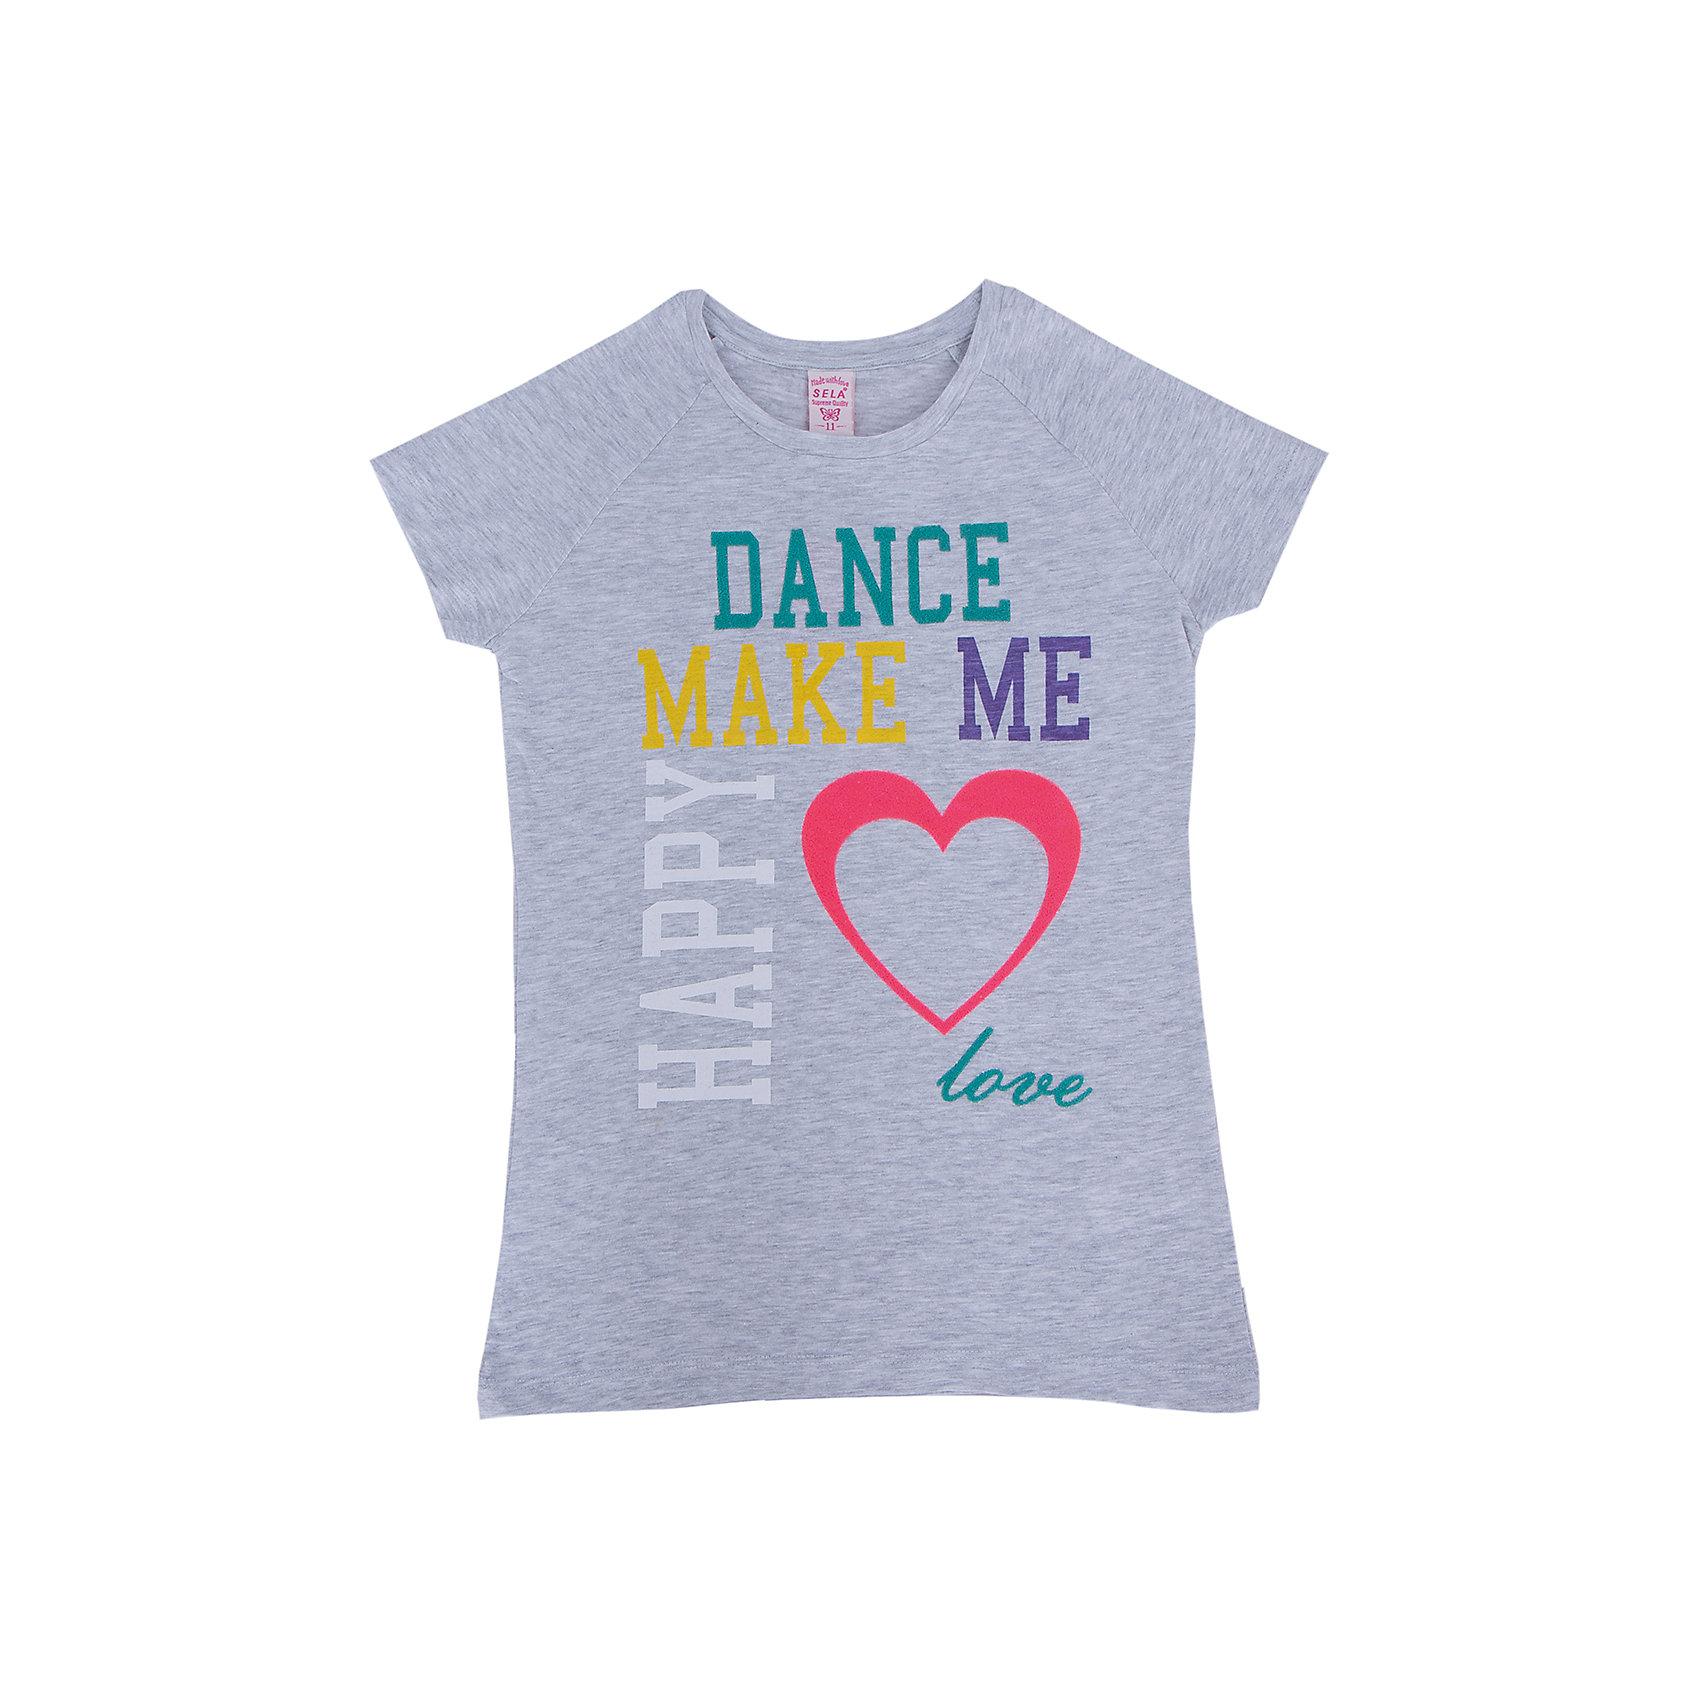 Футболка для девочки SELAФутболка от известной марки SELА поможет разнообразить летний гардероб девочки, создать нарядный или повседневный образ. Удобный крой и качественный материал обеспечат ребенку комфорт при ношении этой вещи. <br>На горловине изделия - мягкая окантовка. Силуэт - стильный, полуприлегающий. Спереди футболка оформлена оригинальным принтом.<br><br>Дополнительная информация:<br><br>материал: 100% хлопок;<br>цвет: серый;<br>декорирована принтом;<br>полуприлегающий силуэт;<br>рукава реглан;<br>круглый горловой вырез;<br>уход за изделием: стирка в машине при температуре до 30°С, не отбеливать, гладить при низкой температуре.<br><br>Футболку от бренда SELА (Села) можно купить в нашем магазине.<br><br>Ширина мм: 230<br>Глубина мм: 40<br>Высота мм: 220<br>Вес г: 250<br>Цвет: серый<br>Возраст от месяцев: 60<br>Возраст до месяцев: 72<br>Пол: Женский<br>Возраст: Детский<br>Размер: 116,152,134,128,122,146,140<br>SKU: 4741125